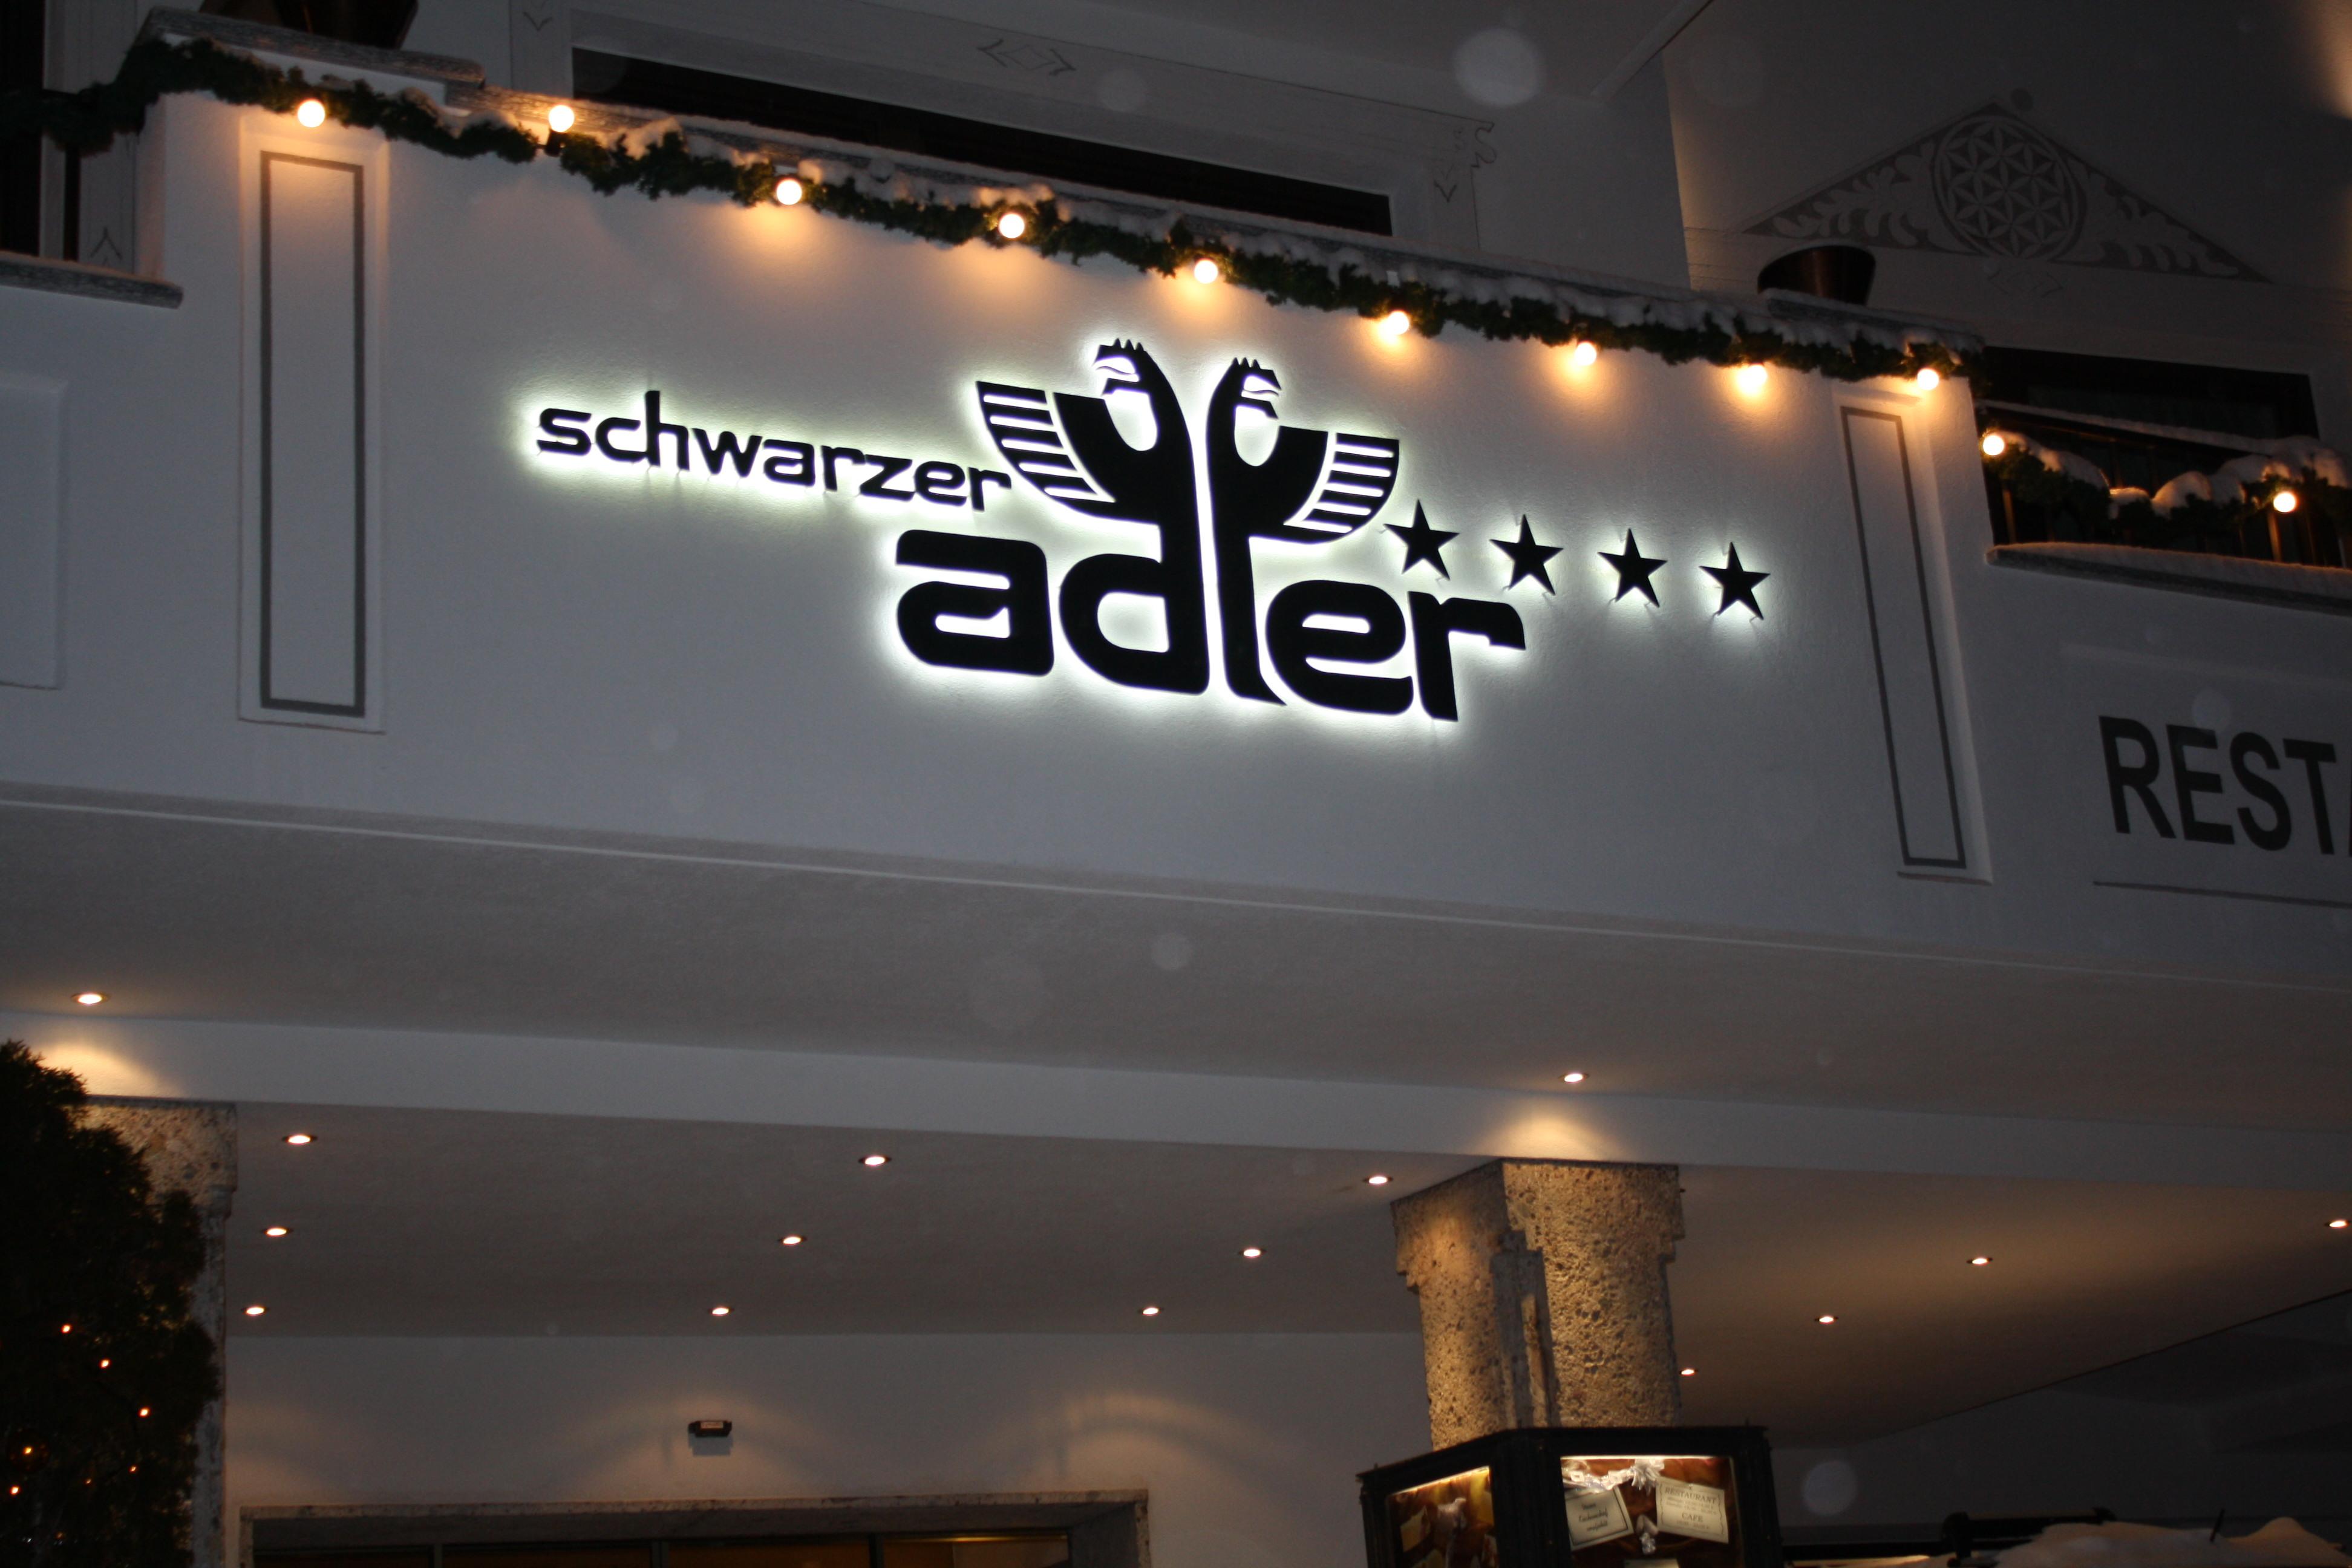 Hotel Schwarzer Adler in Tirol